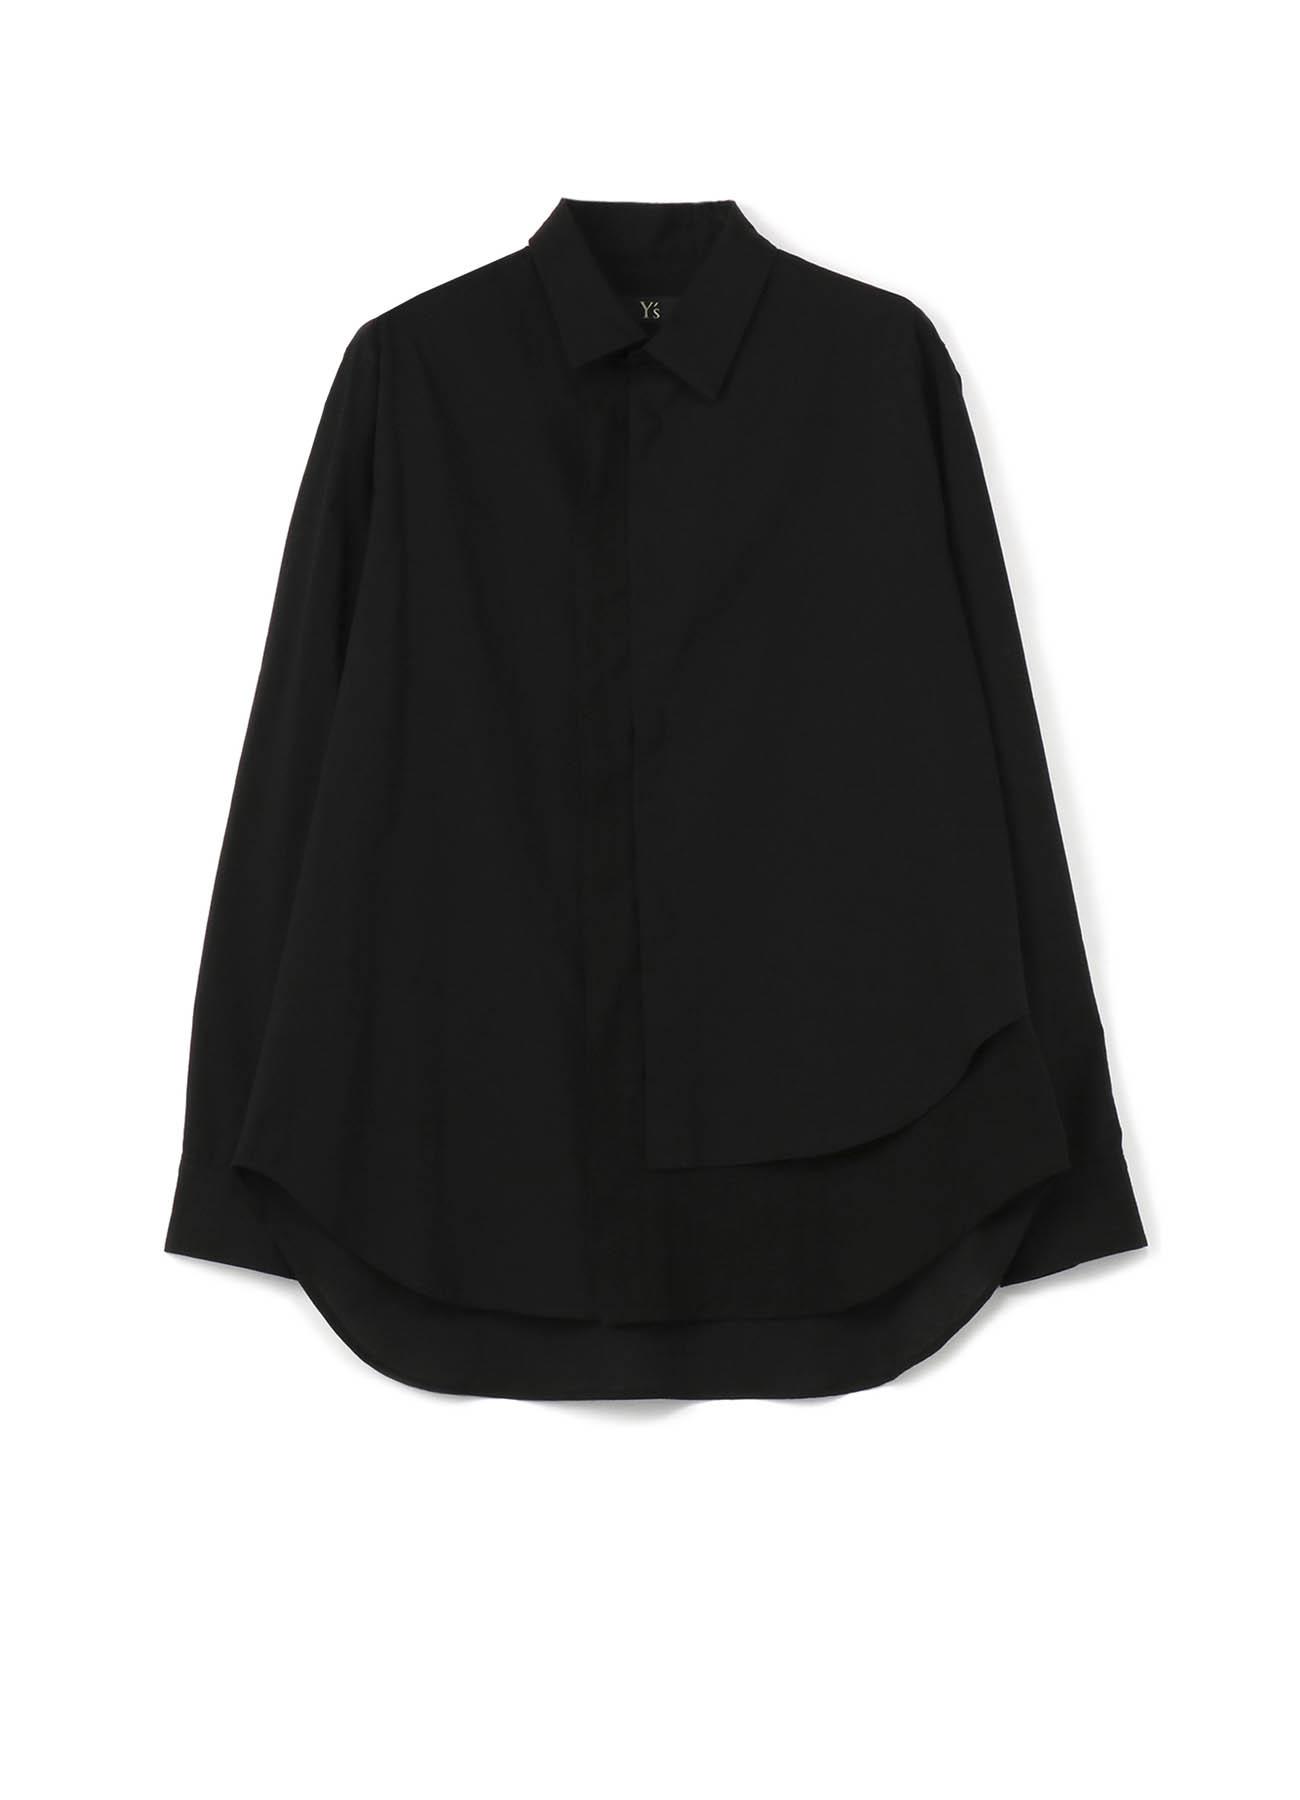 层叠前襟设计长袖衬衫